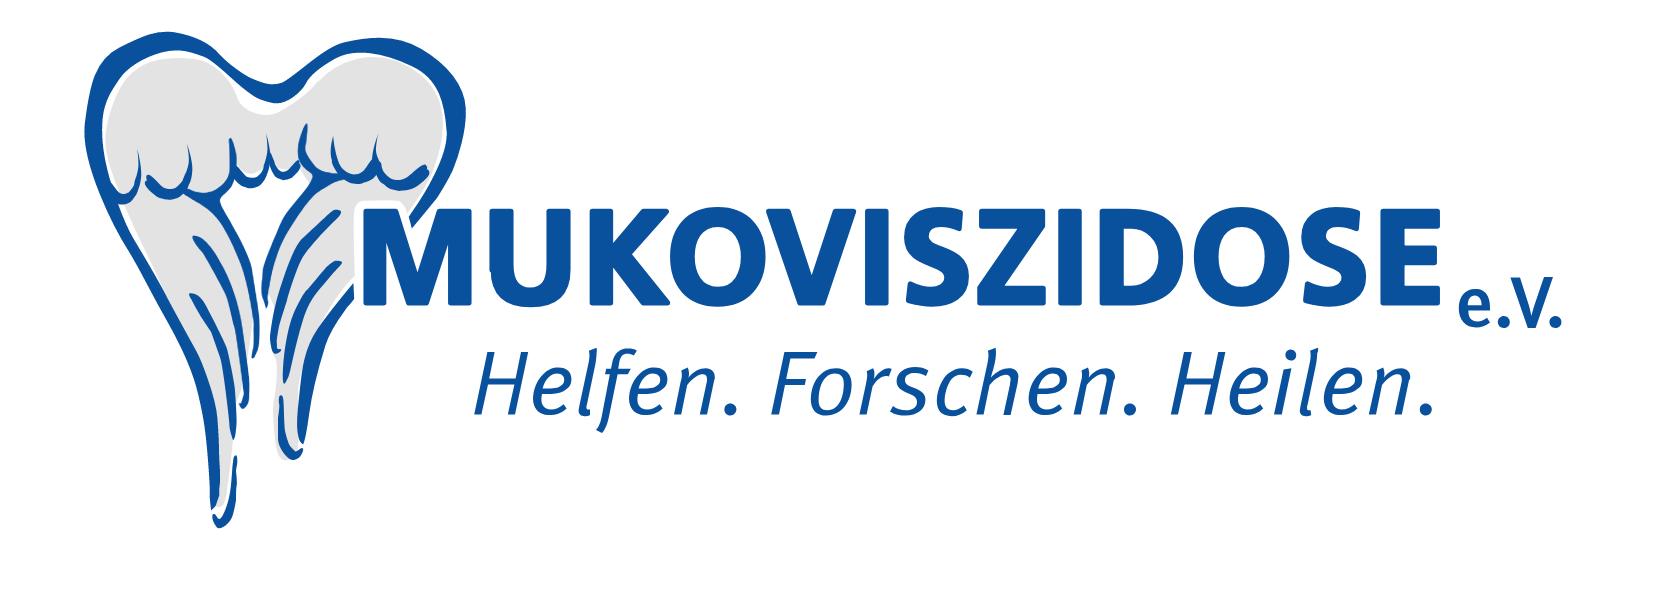 Selbstbestimmt leben mit Mukoviszidose - In Deutschland sind bis zu 8.000 Kinder, Jugendliche und Erwachsene von der unheilbaren Erbkrankheit Mukoviszidose betroffen. Der Mukoviszidose e.V. vernetzt Mukoviszidose-Patienten, ihre Angehörigen, alle Behandler wie Ärzte, Therapeuten, Pflegekräfte sowie Forscher. Der Verein bündelt unterschiedliche Erfahrungen, Kompetenzen und Perspektiven mit dem Ziel, jedem Betroffenen ein möglichst selbstbestimmtes Leben mit Mukoviszidose zu ermöglichen.